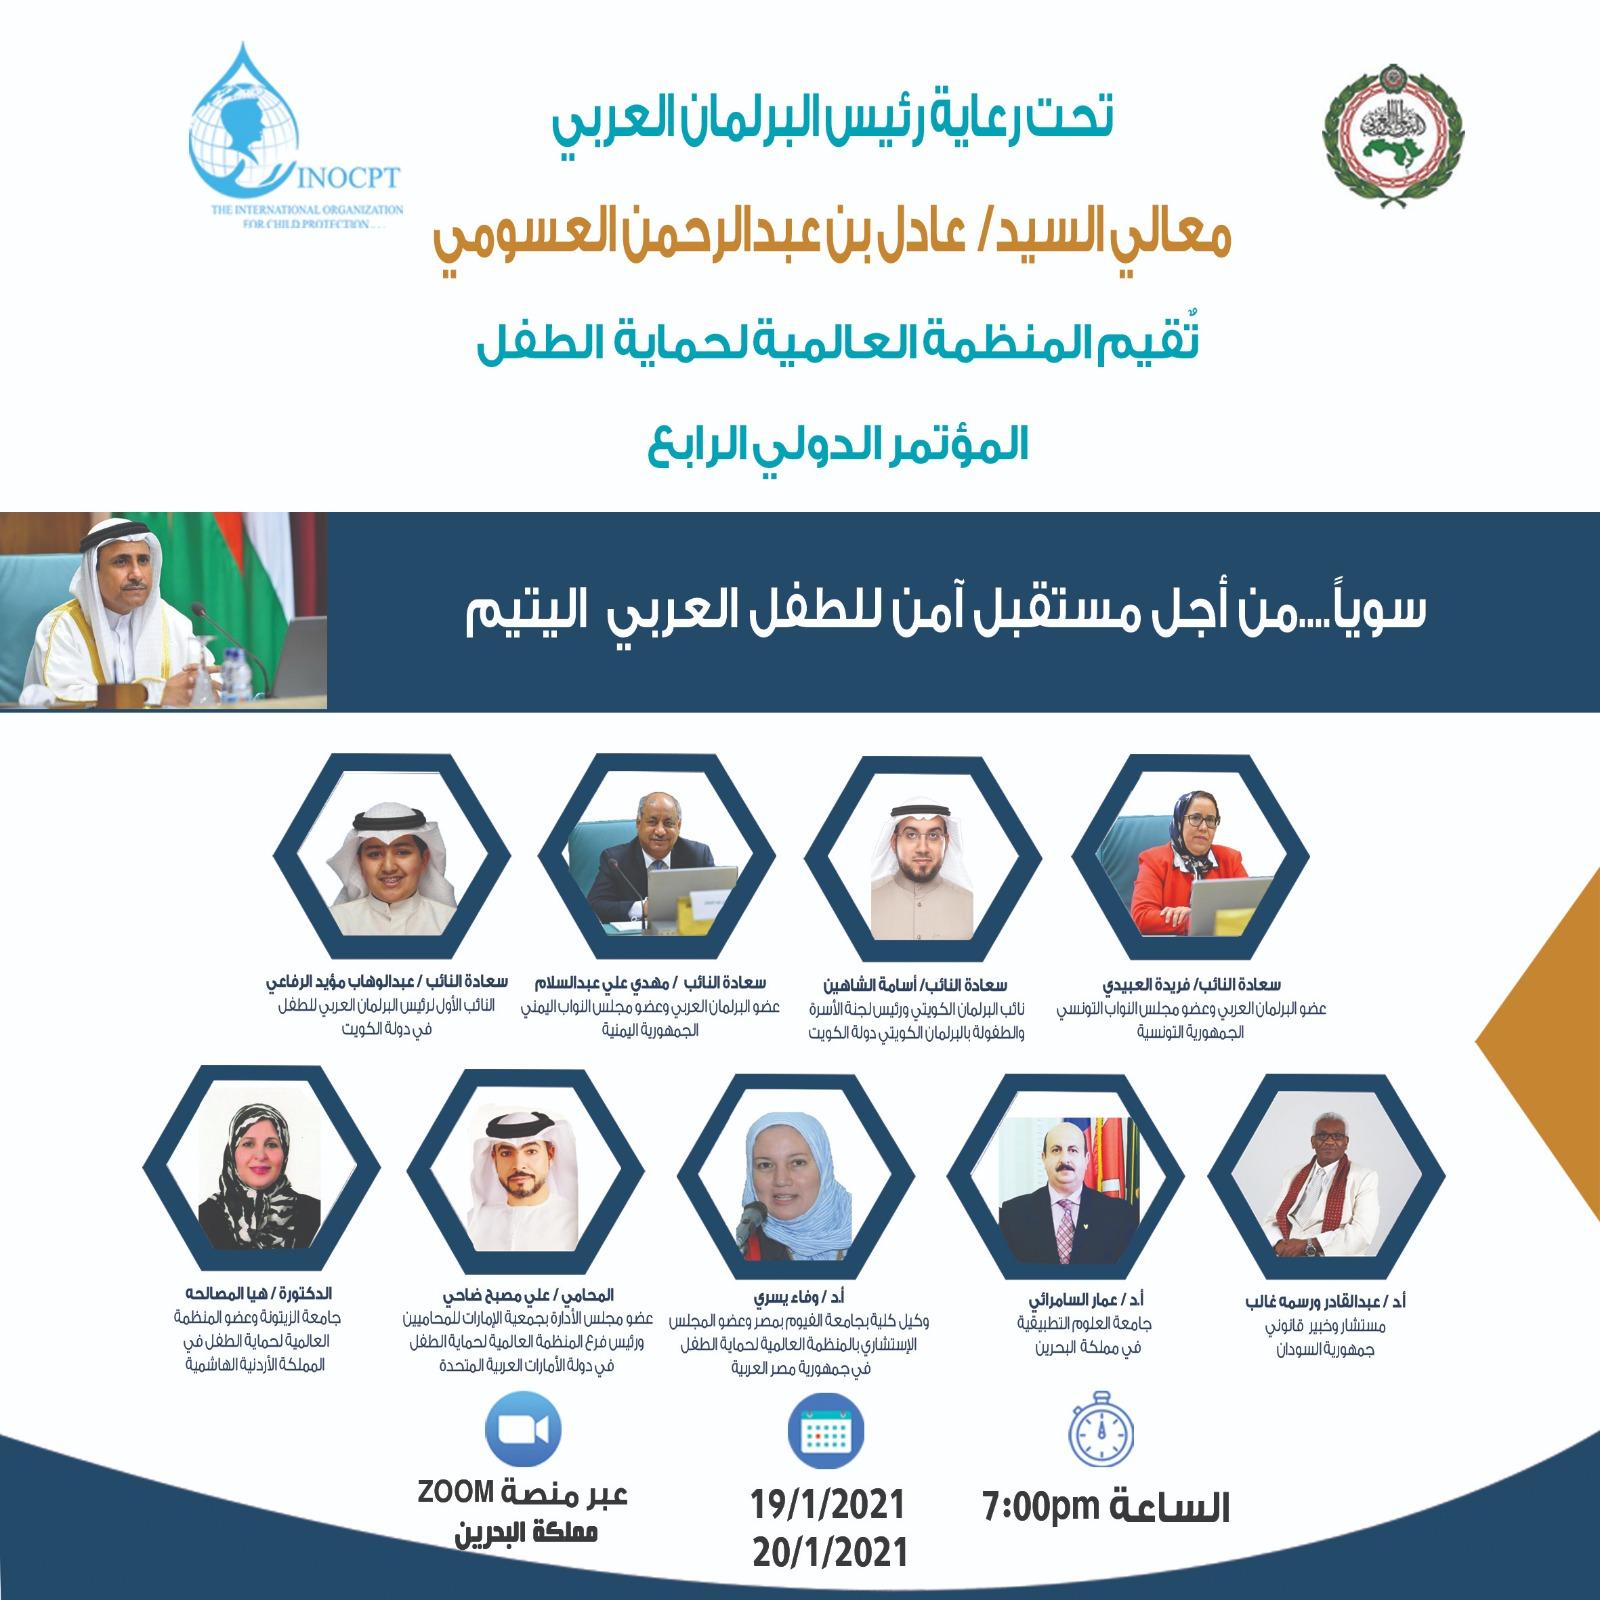 المنظمة العالمية لحماية الطفل يُثمن رعاية رئيس البرلمان العربي